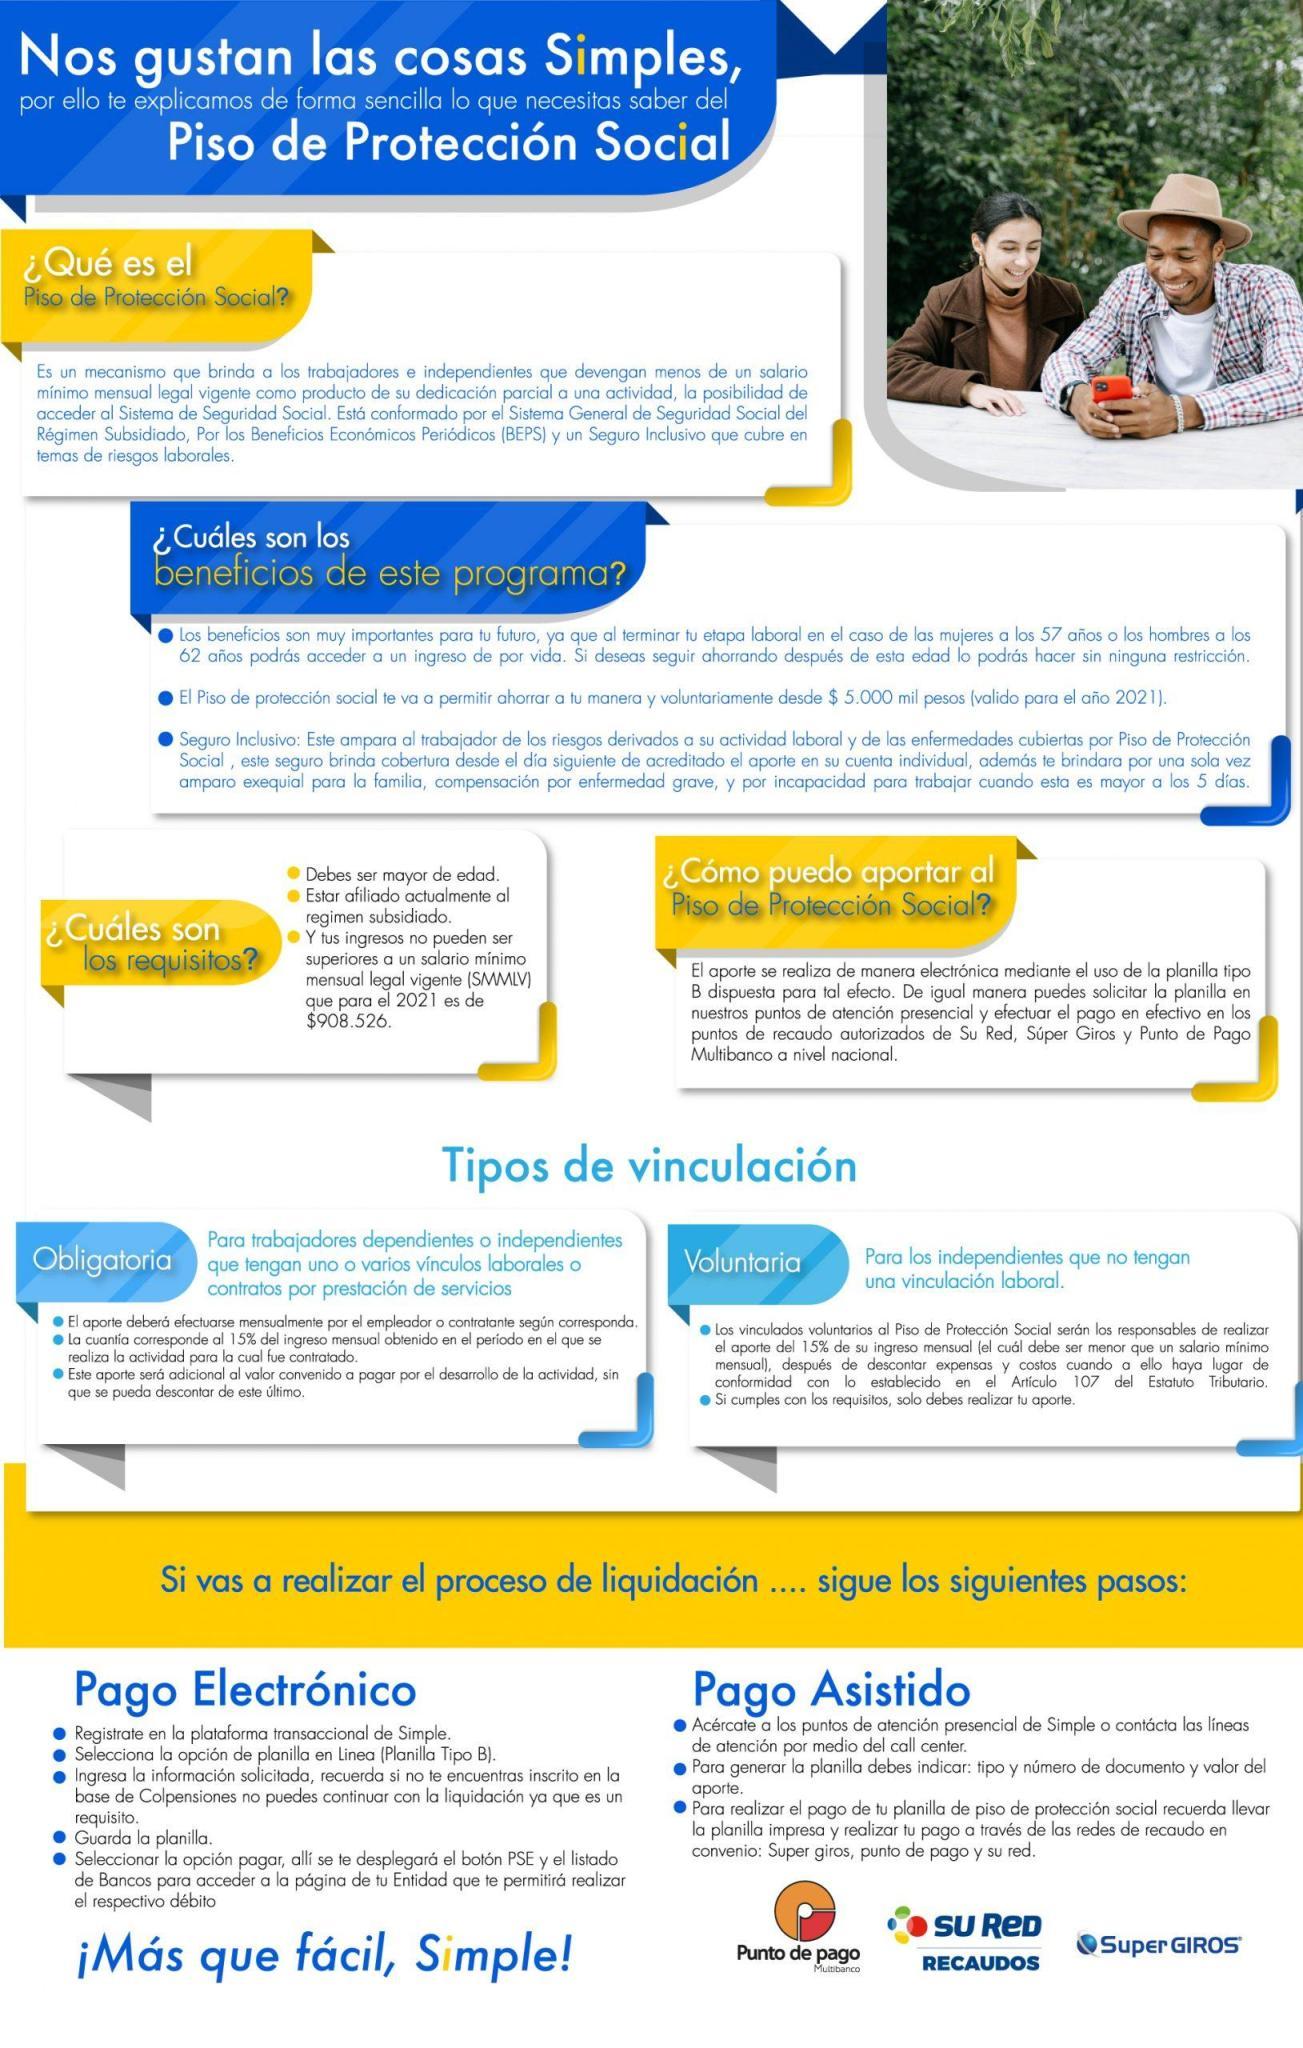 Infografía piso de protección social